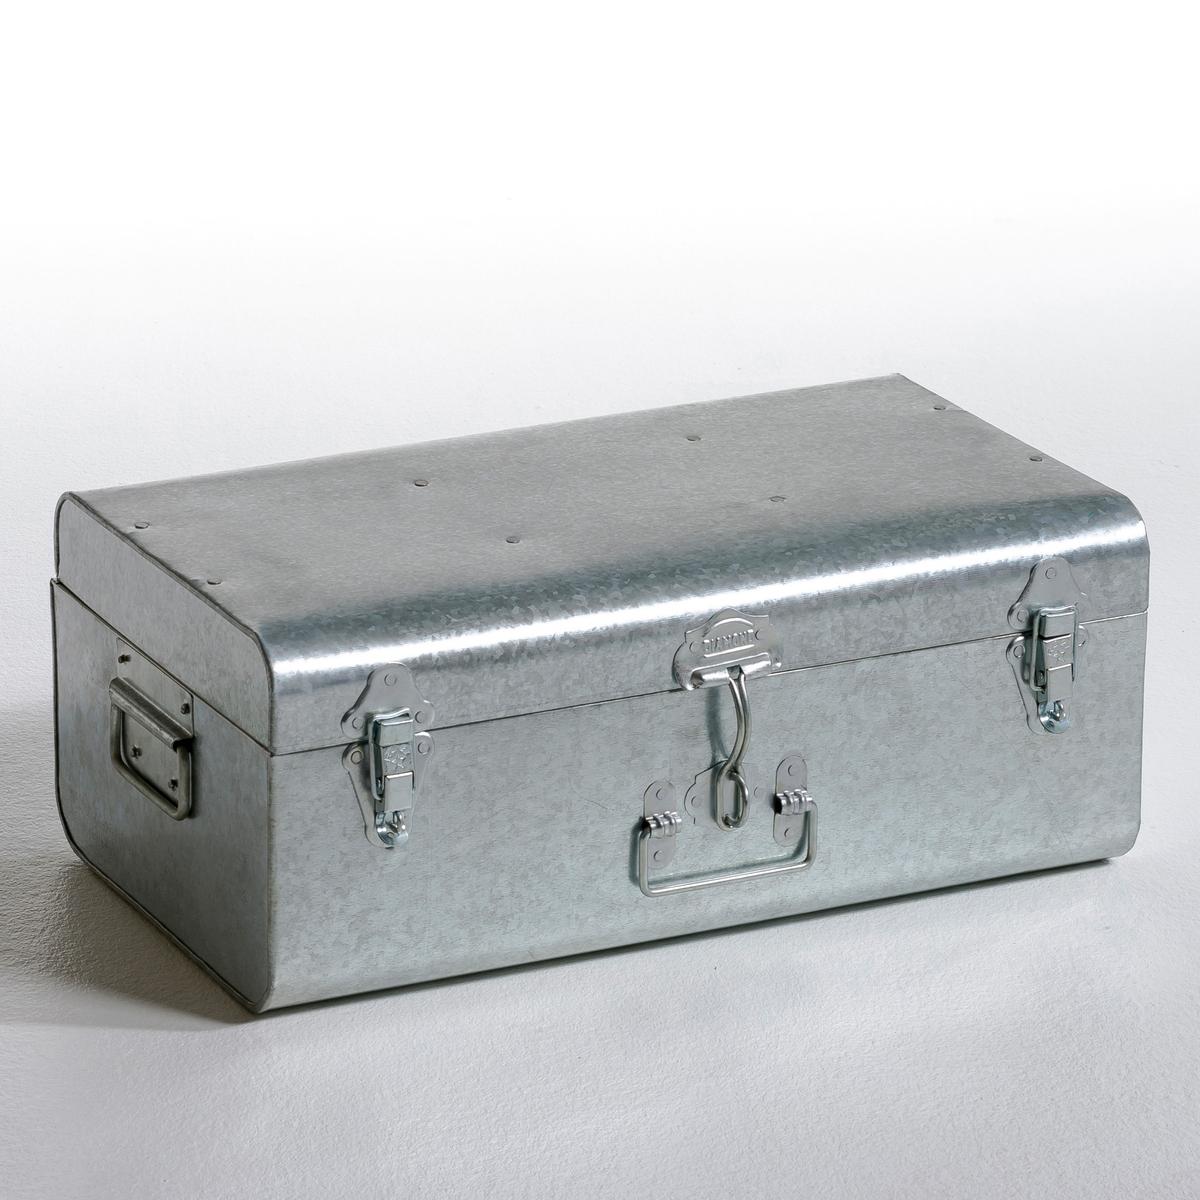 Сундук металлический Denise сундук из перфорированного металла bretty